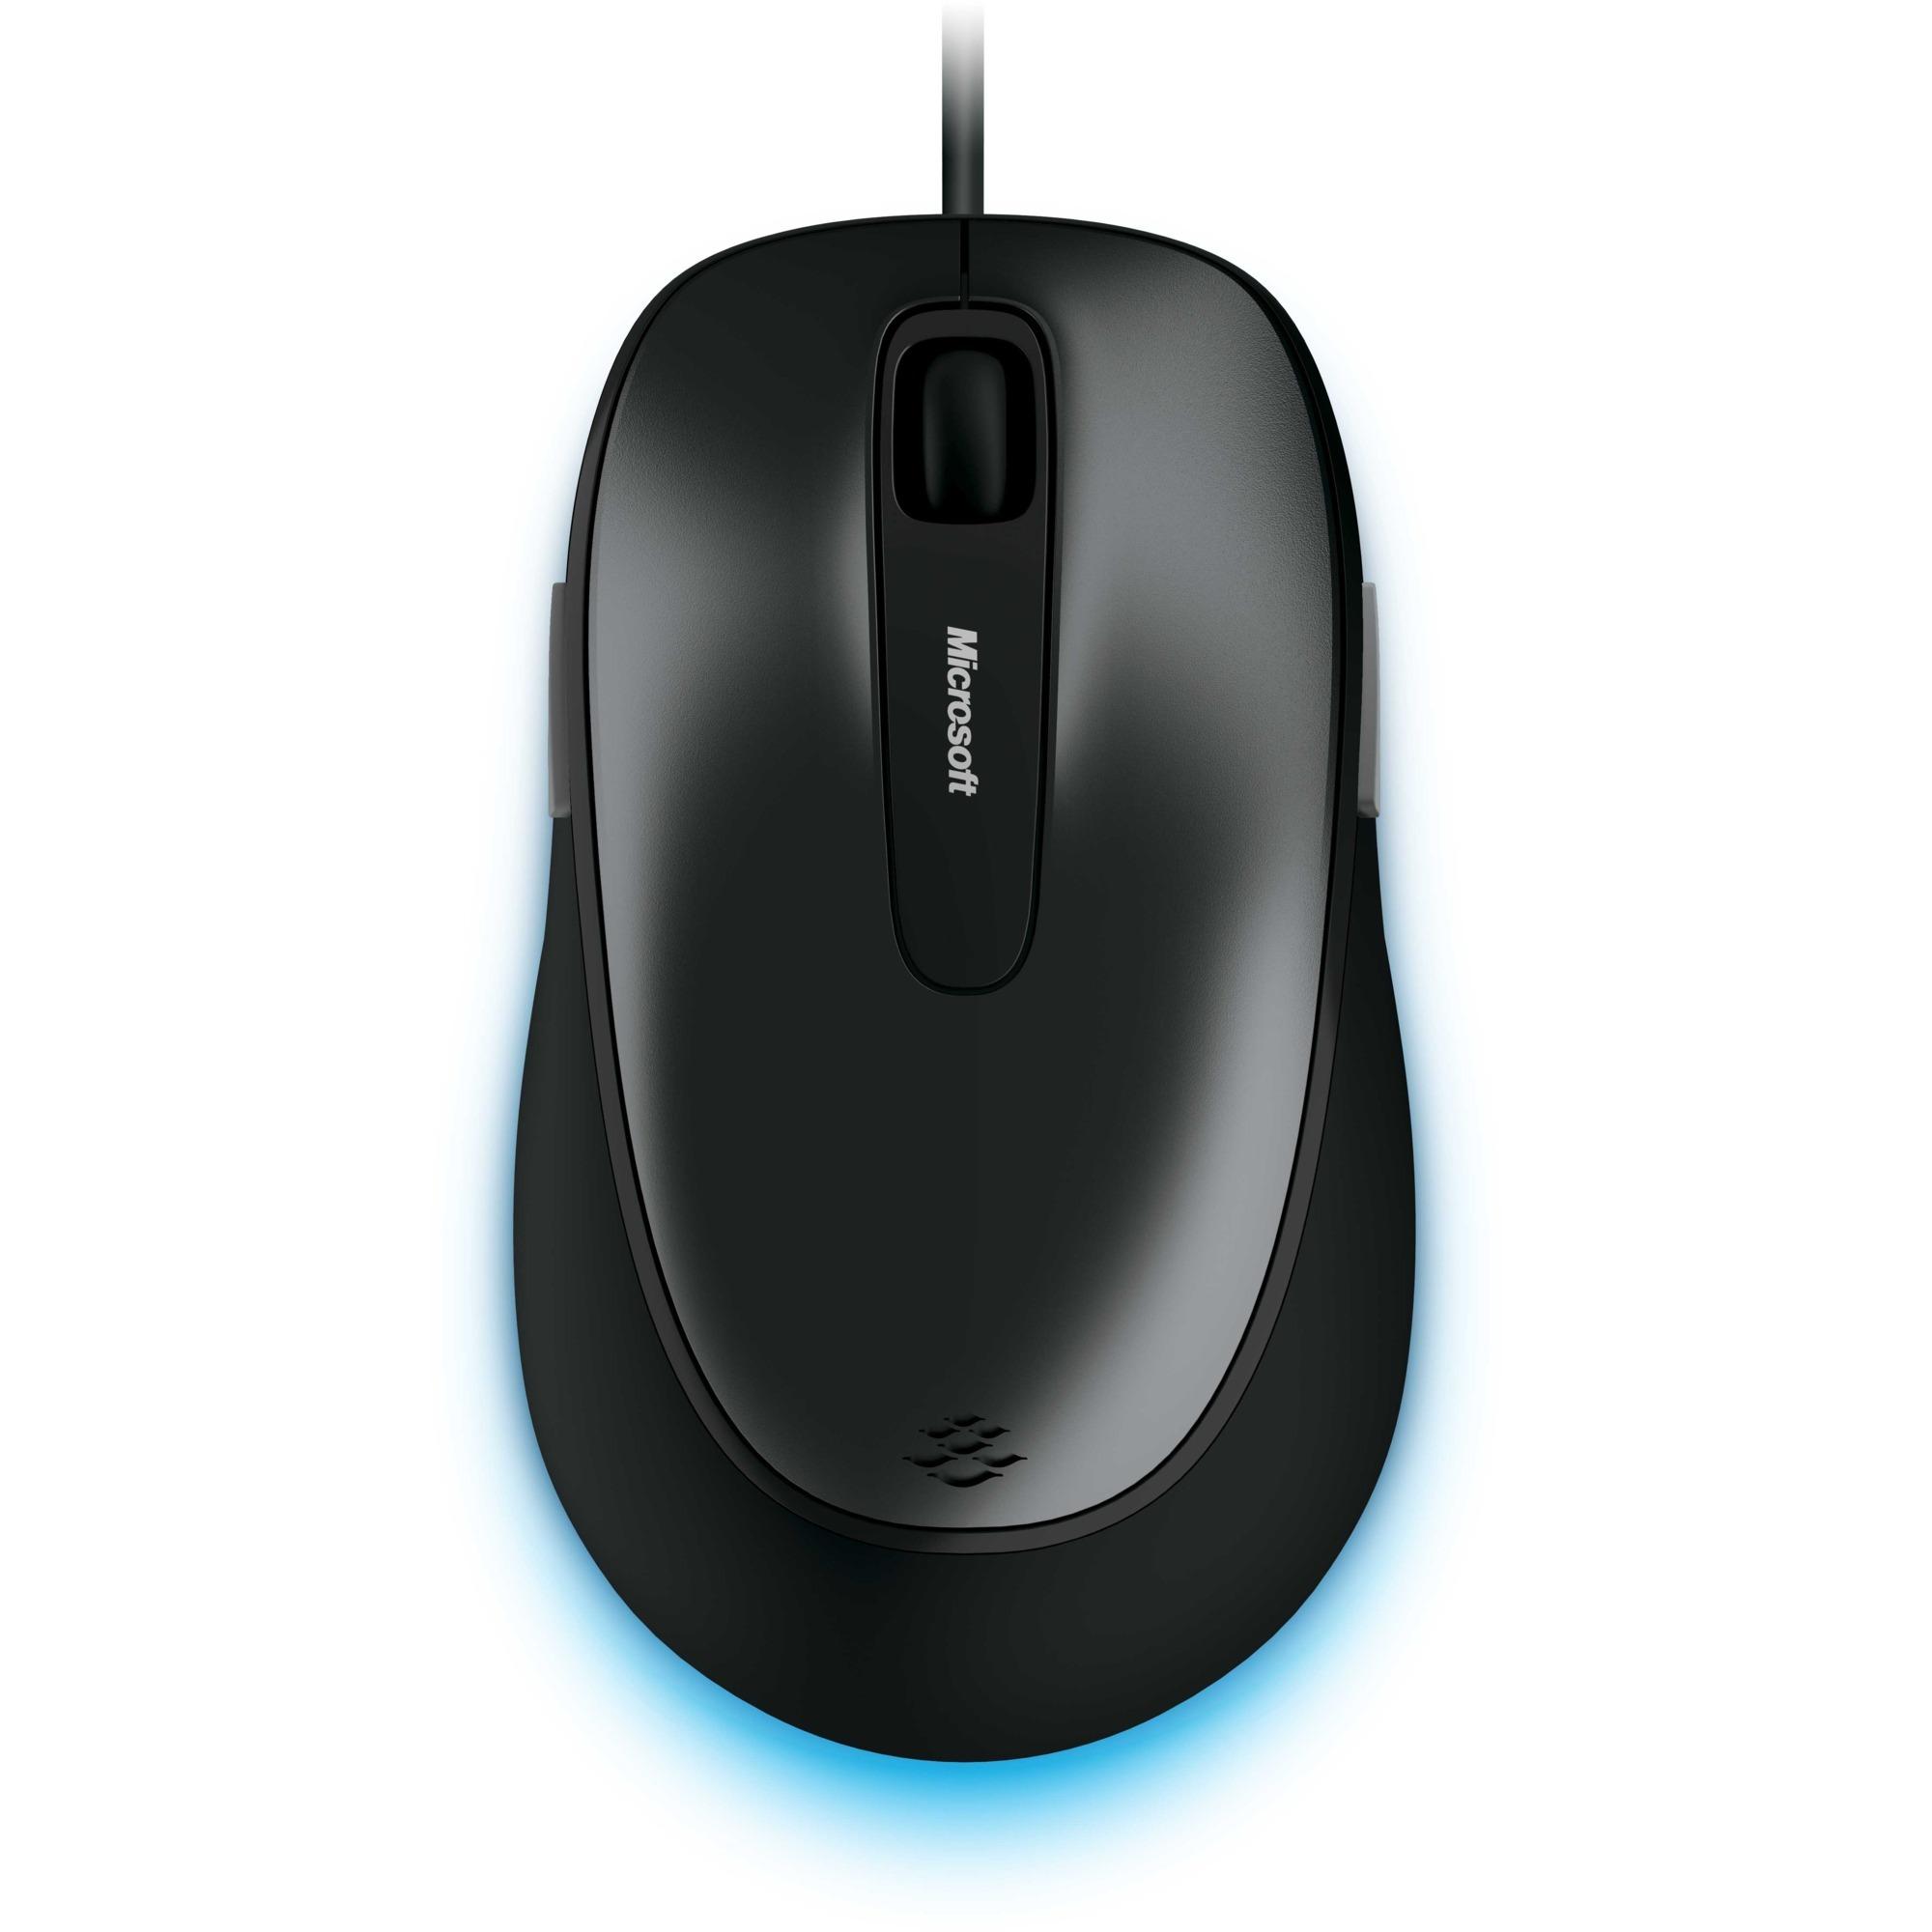 4FD-00023 ratón USB Óptico 1000 DPI Ambidextro